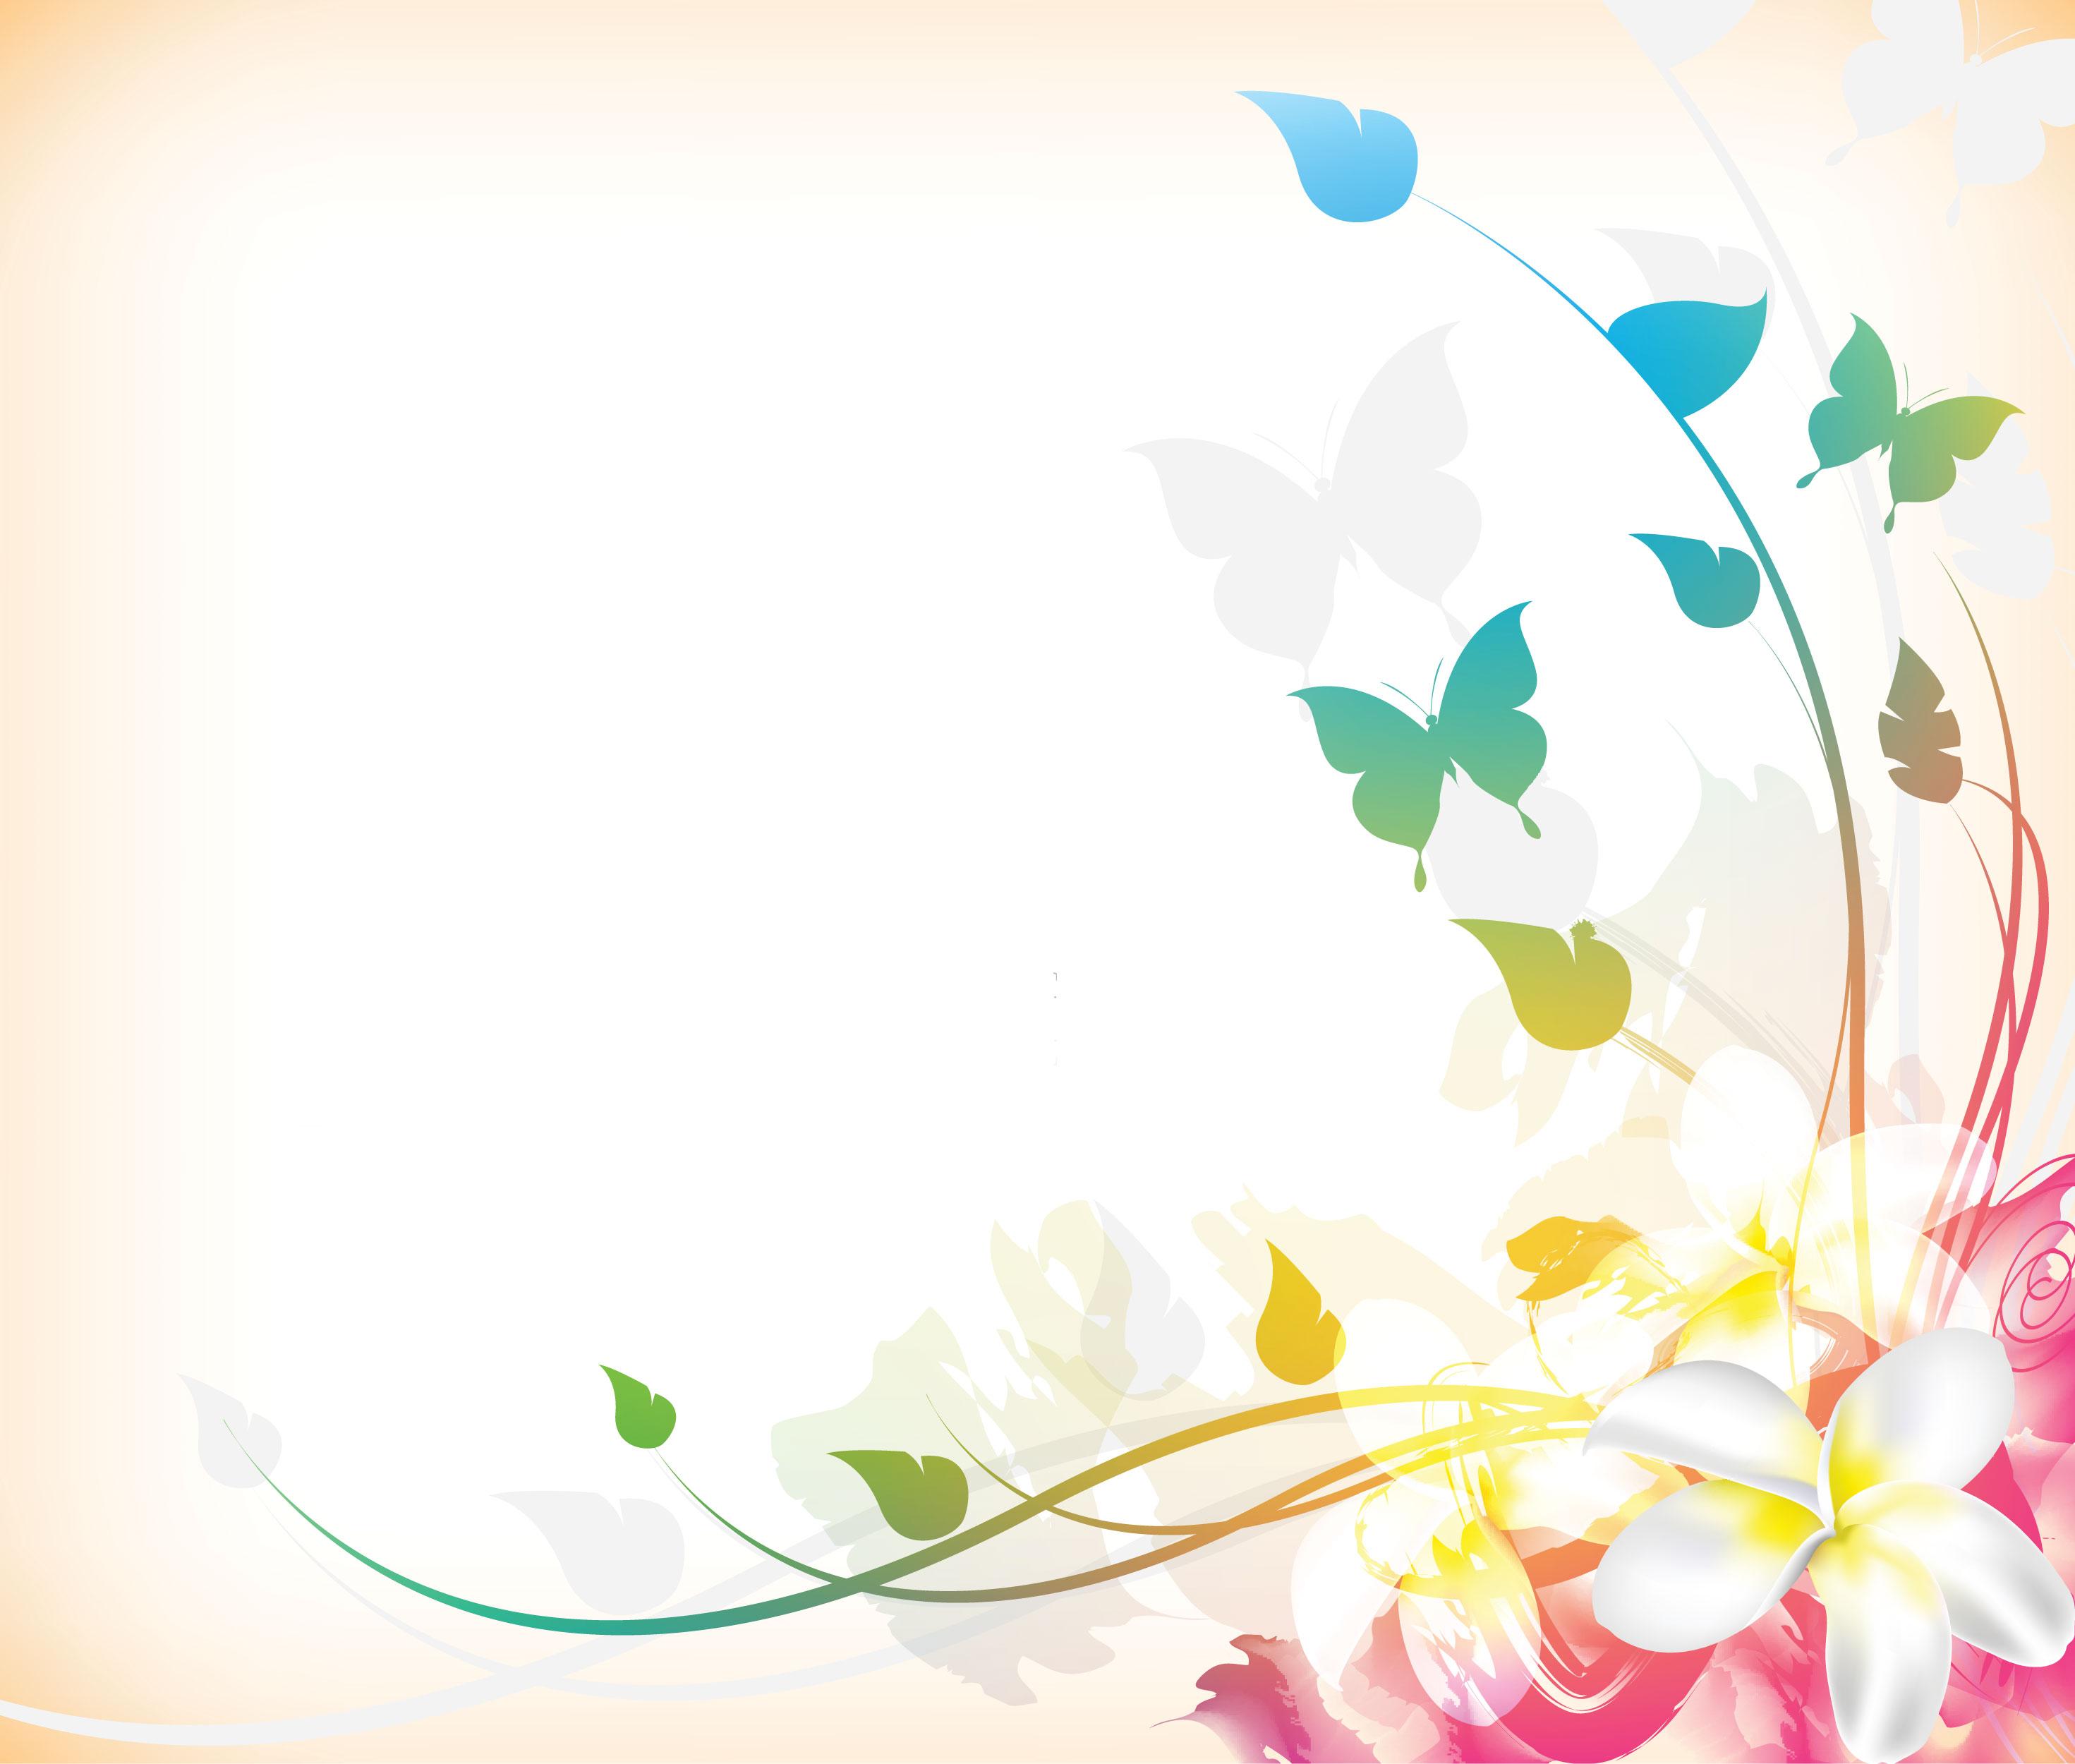 夏の花のイラスト・画像/無料のフリー素材集【百花繚乱】